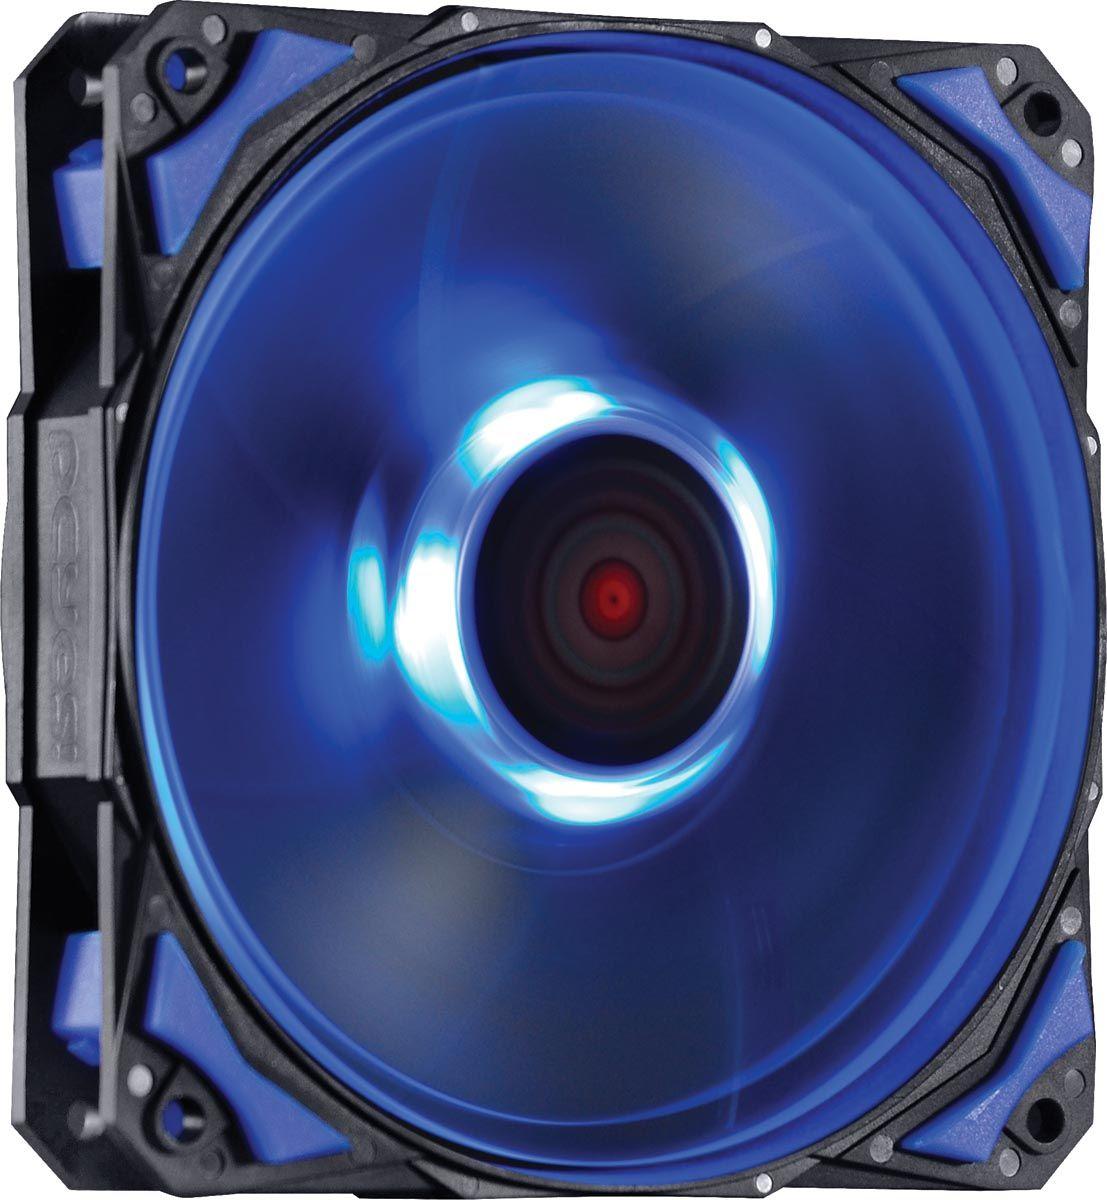 Cooler para Gabinete Fury F4 120mm LED Azul F4120LDAZ 24035 - Pcyes